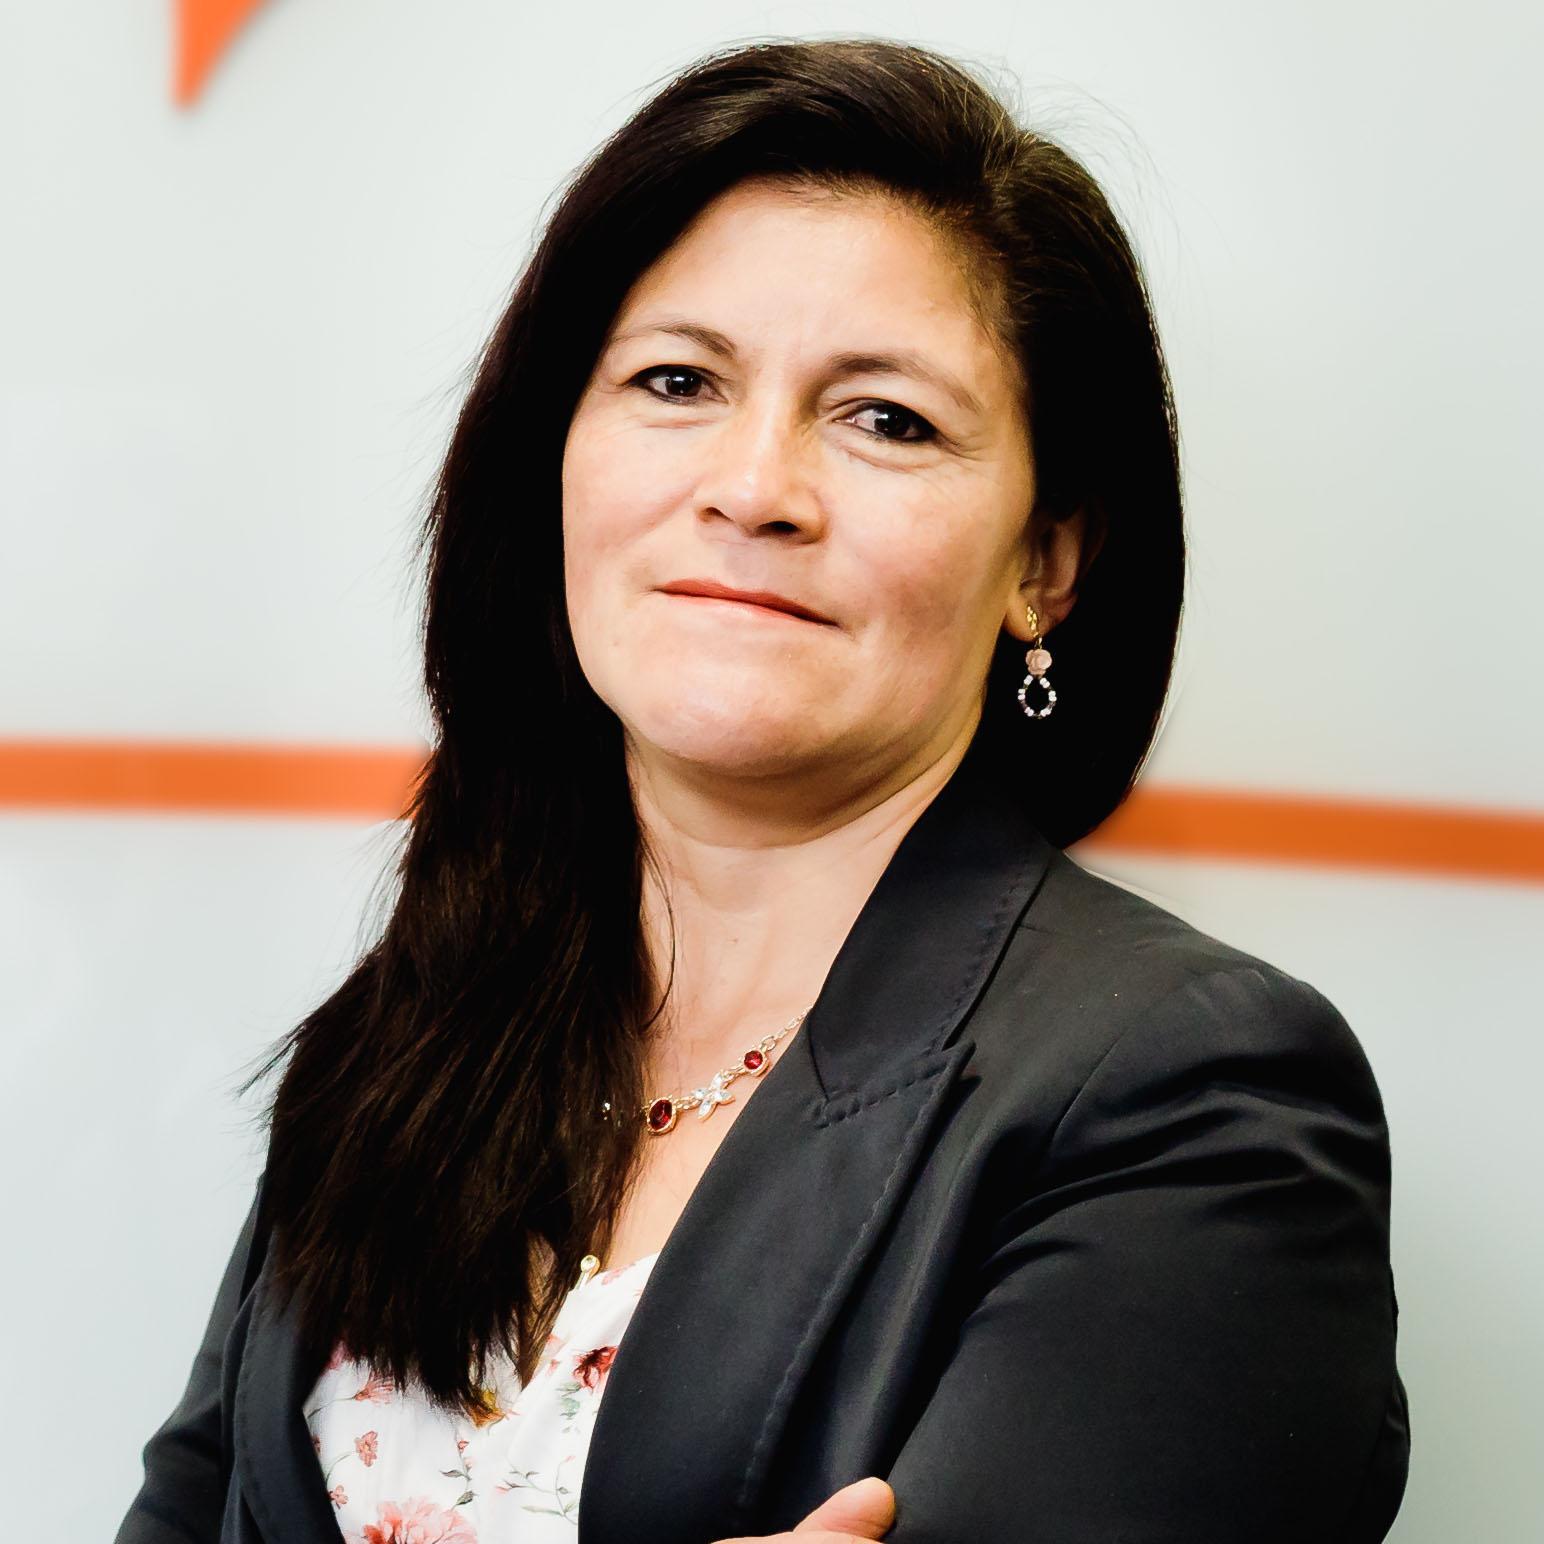 María Lourdes Guerrero